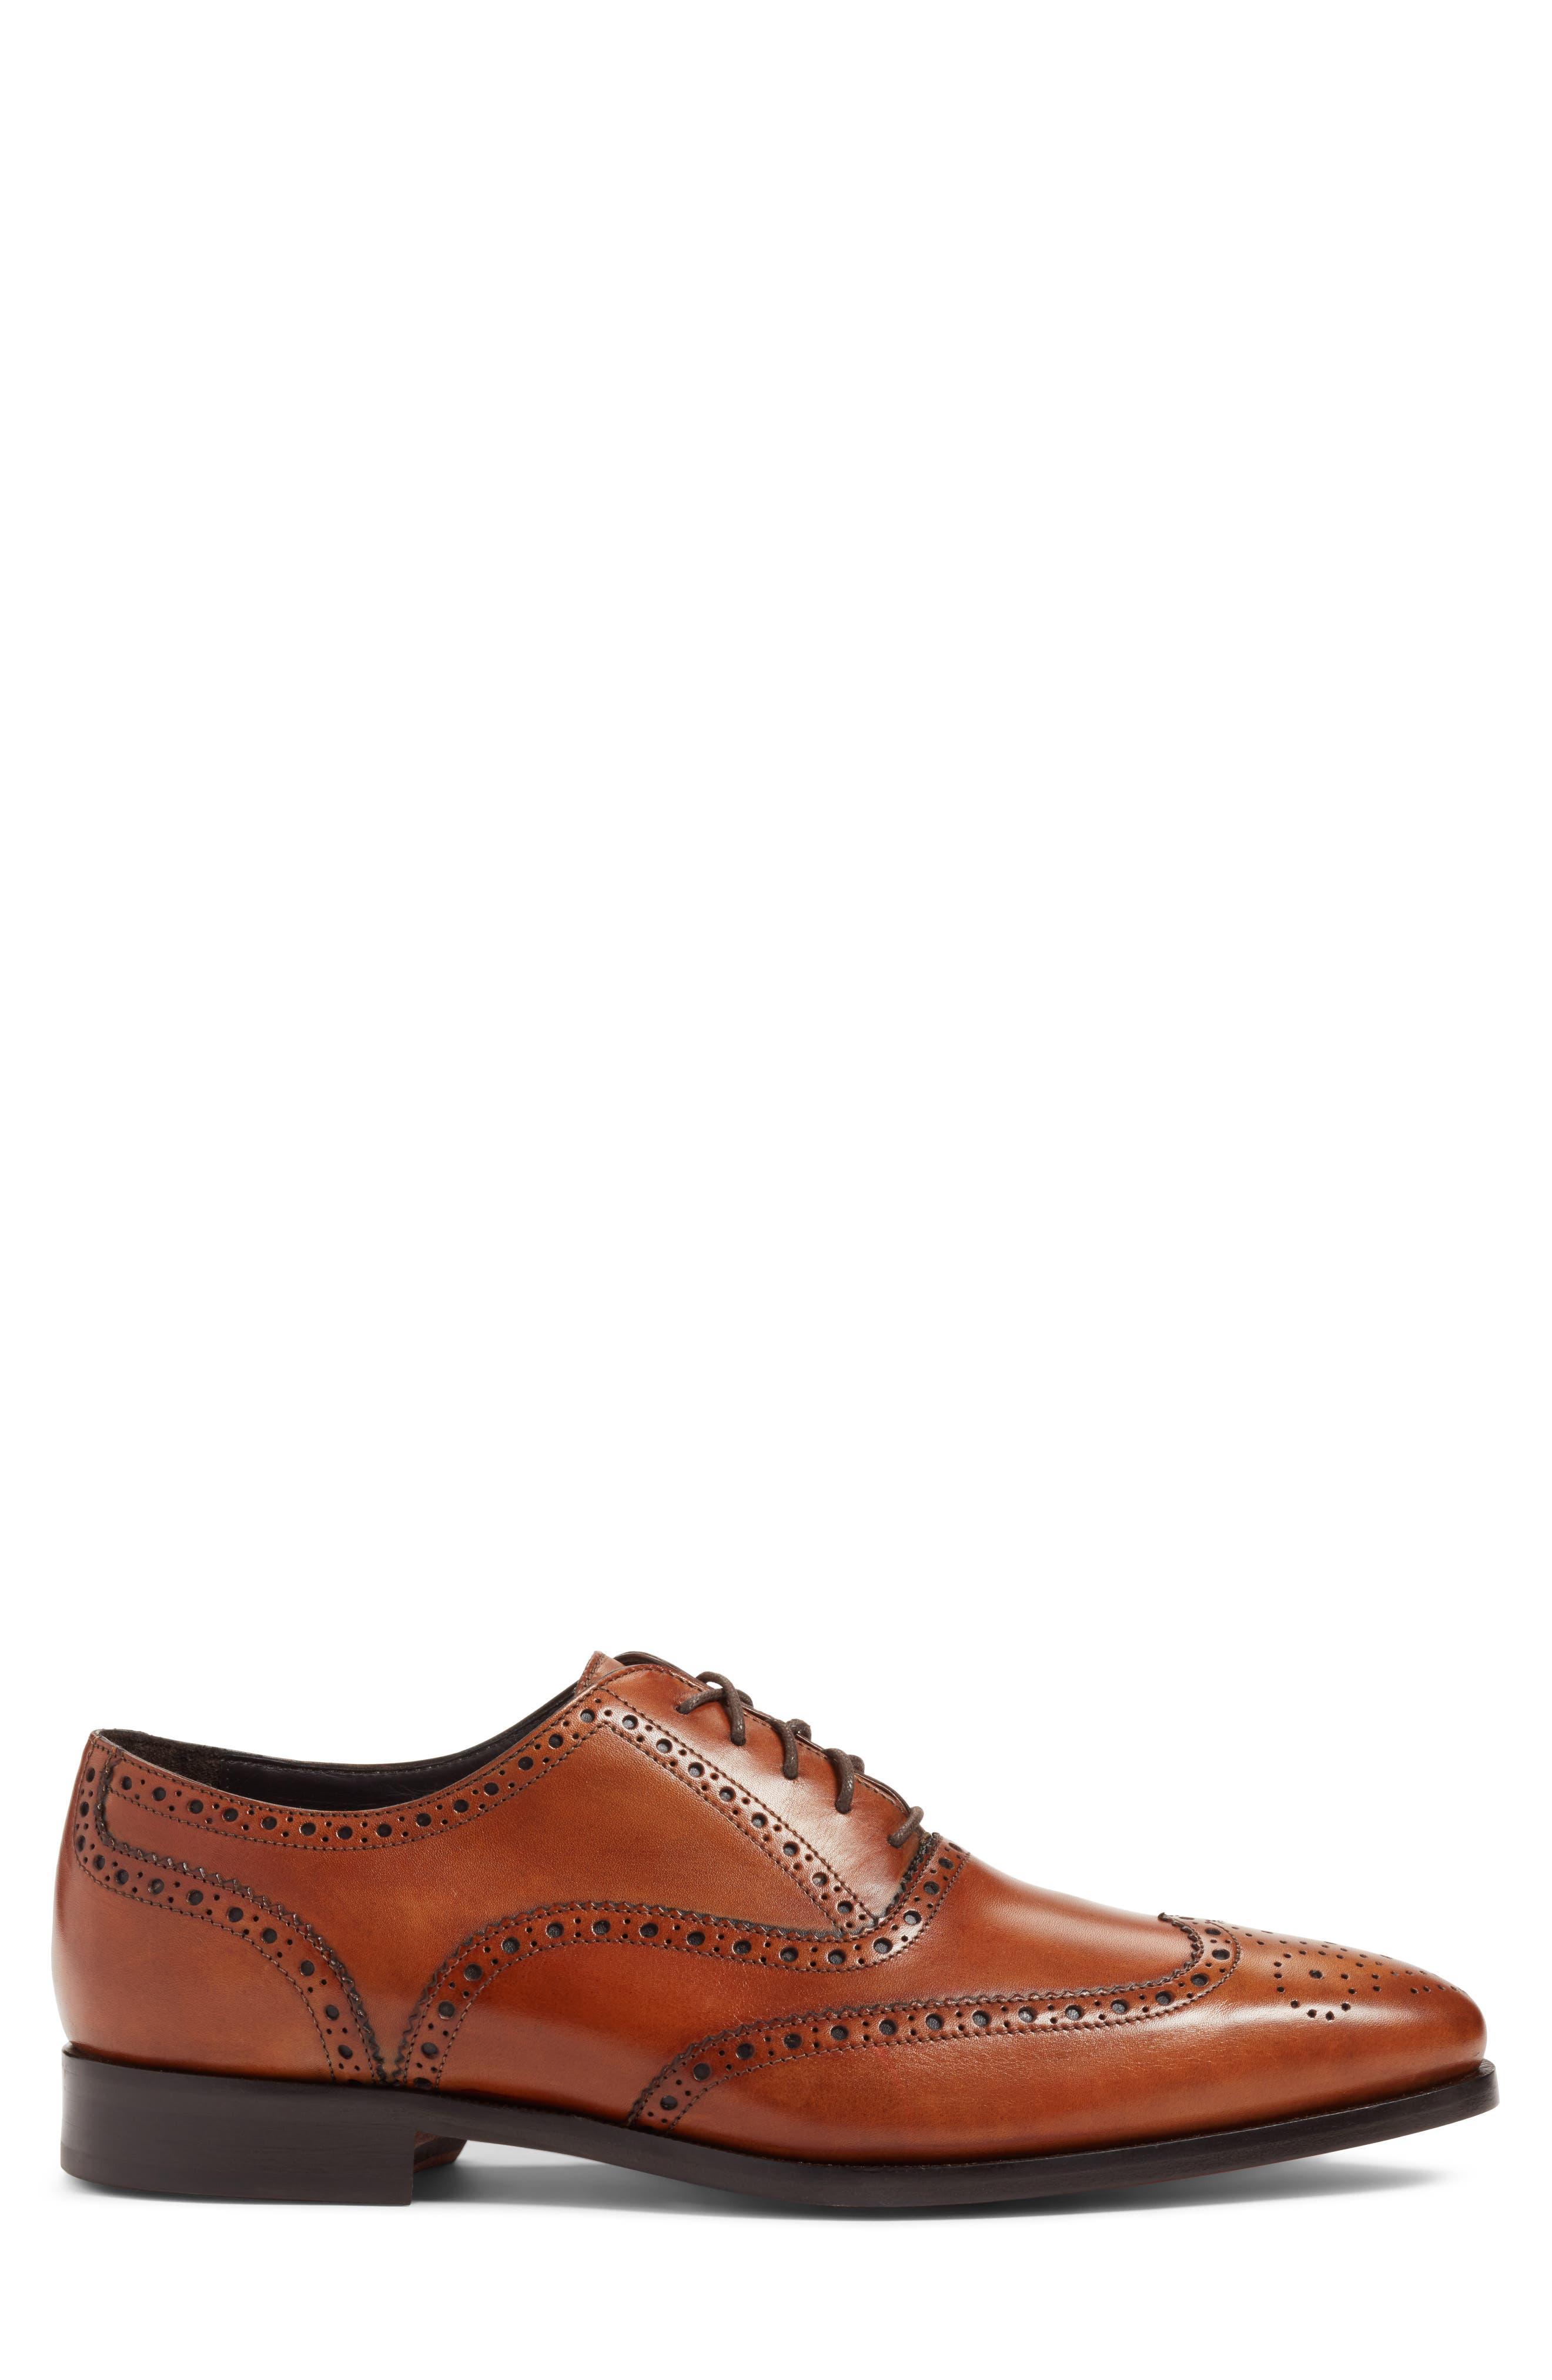 Ambler Wingtip,                             Alternate thumbnail 3, color,                             Cognac Leather